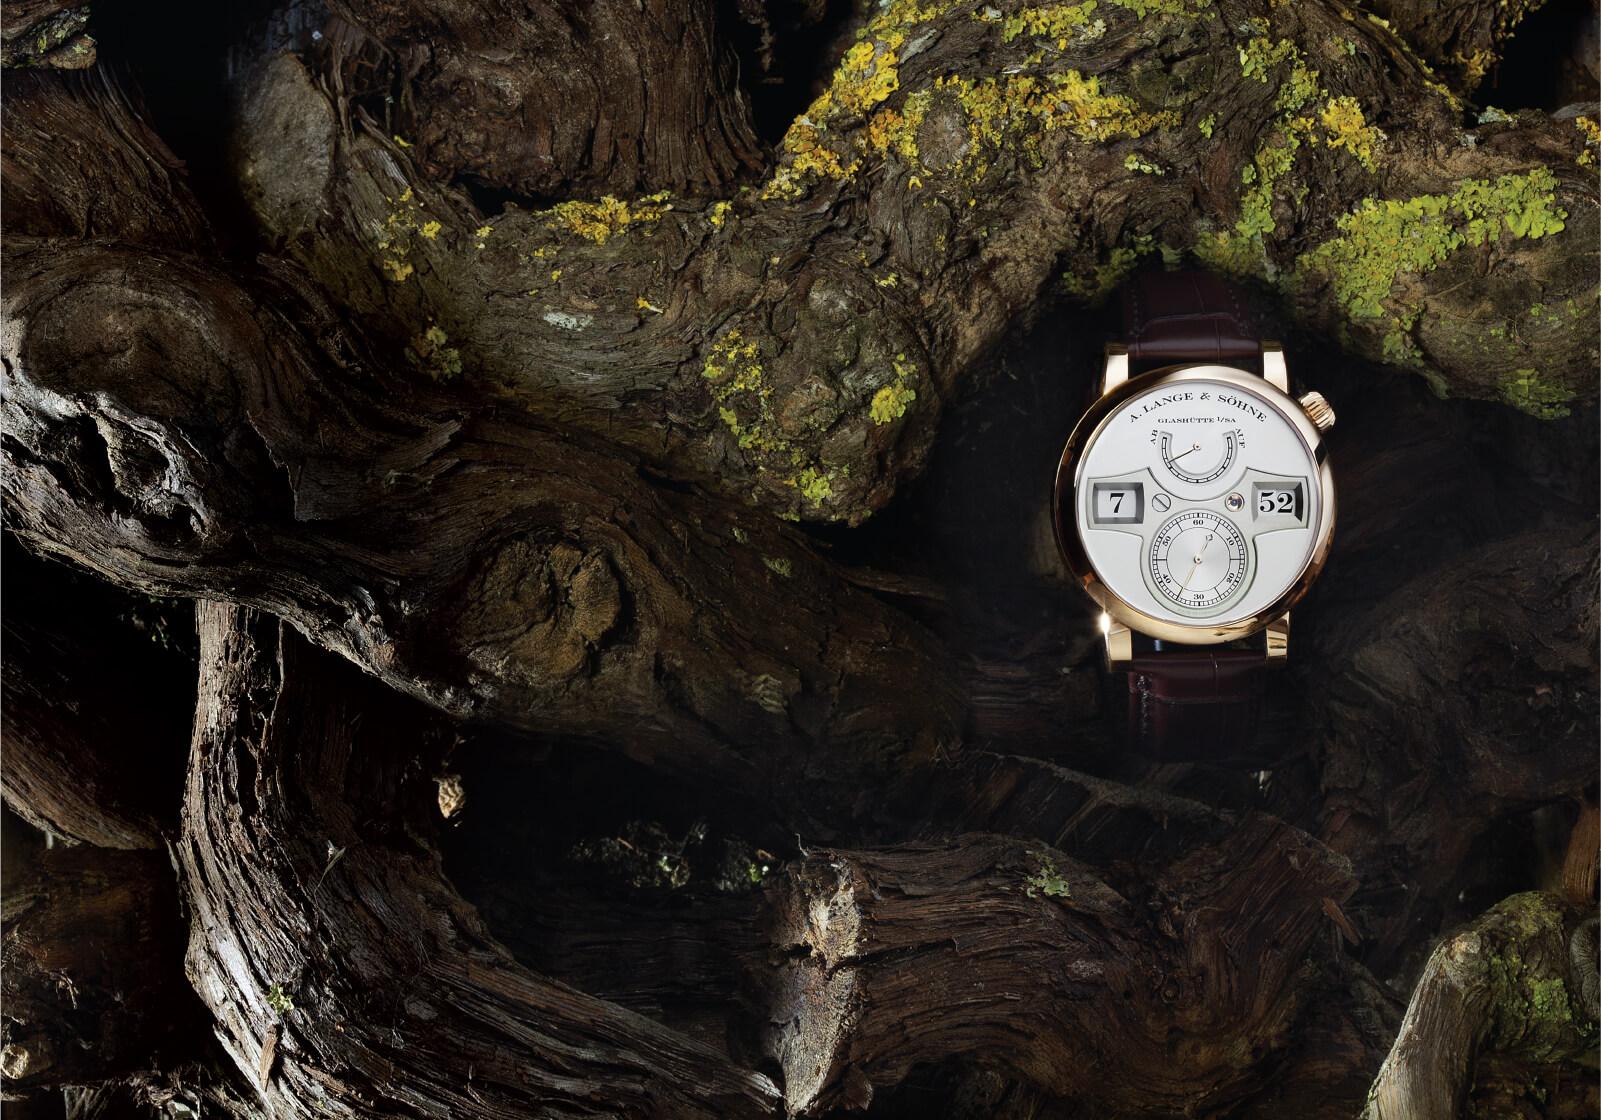 A. Lange & Söhne Zeitwerk Ref. 140.032   Ø 41,9 mm sobre fundo de troncos   © Paulo Pires / Espiral do Tempo